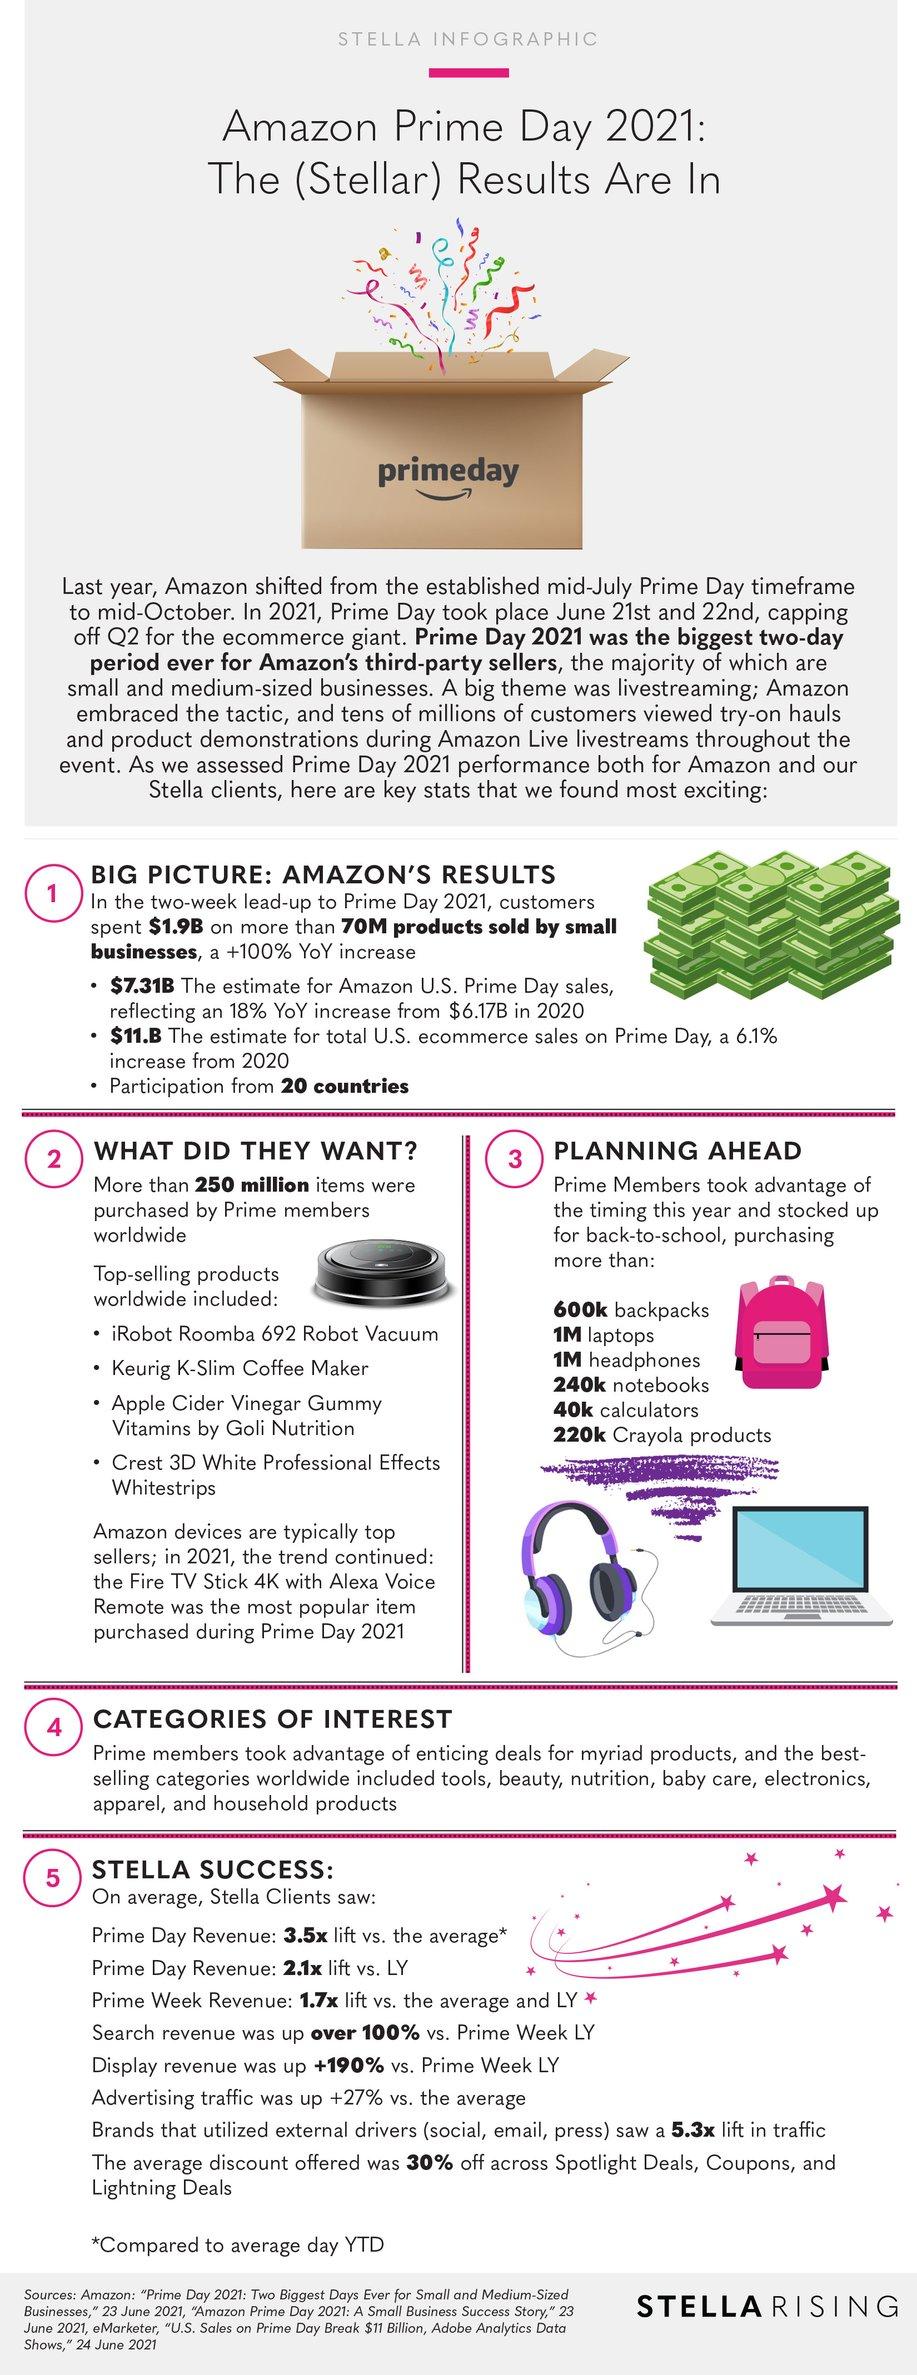 AmazonPrimeDay2021_Infographic